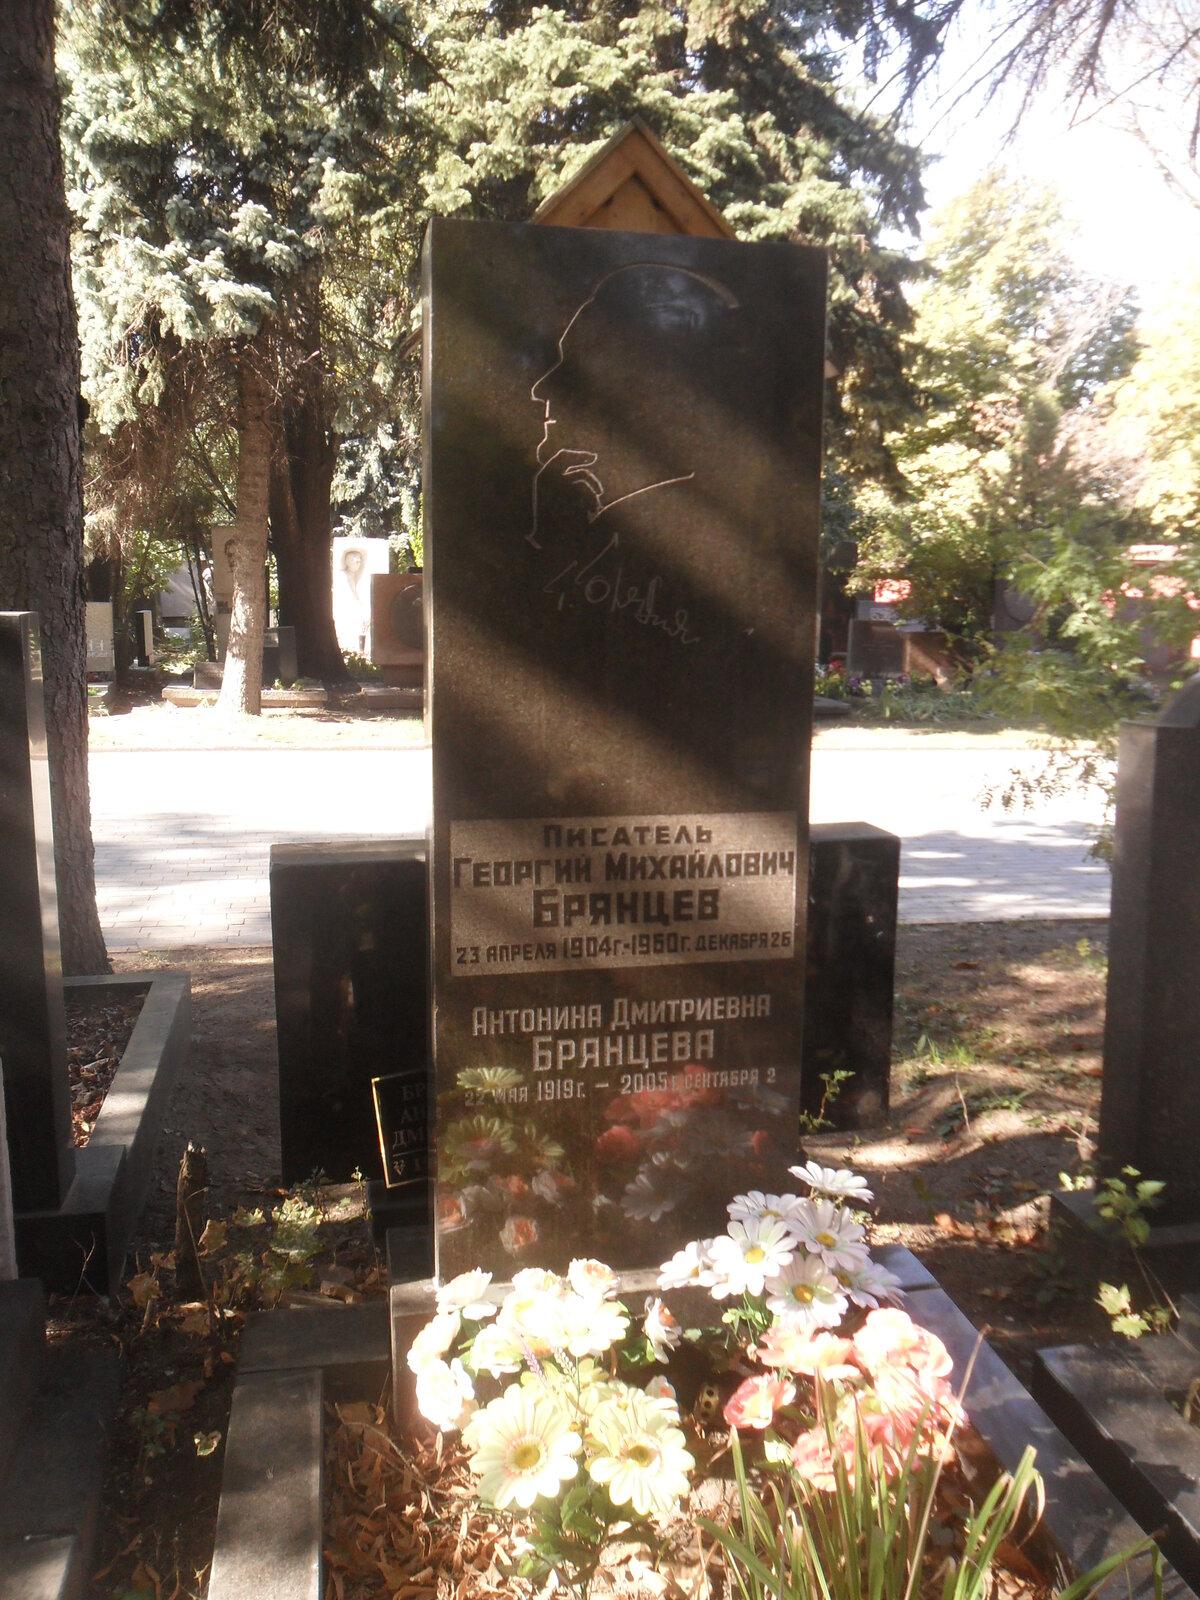 Могила Брянцева на Новодевичьем кладбище Москвы.